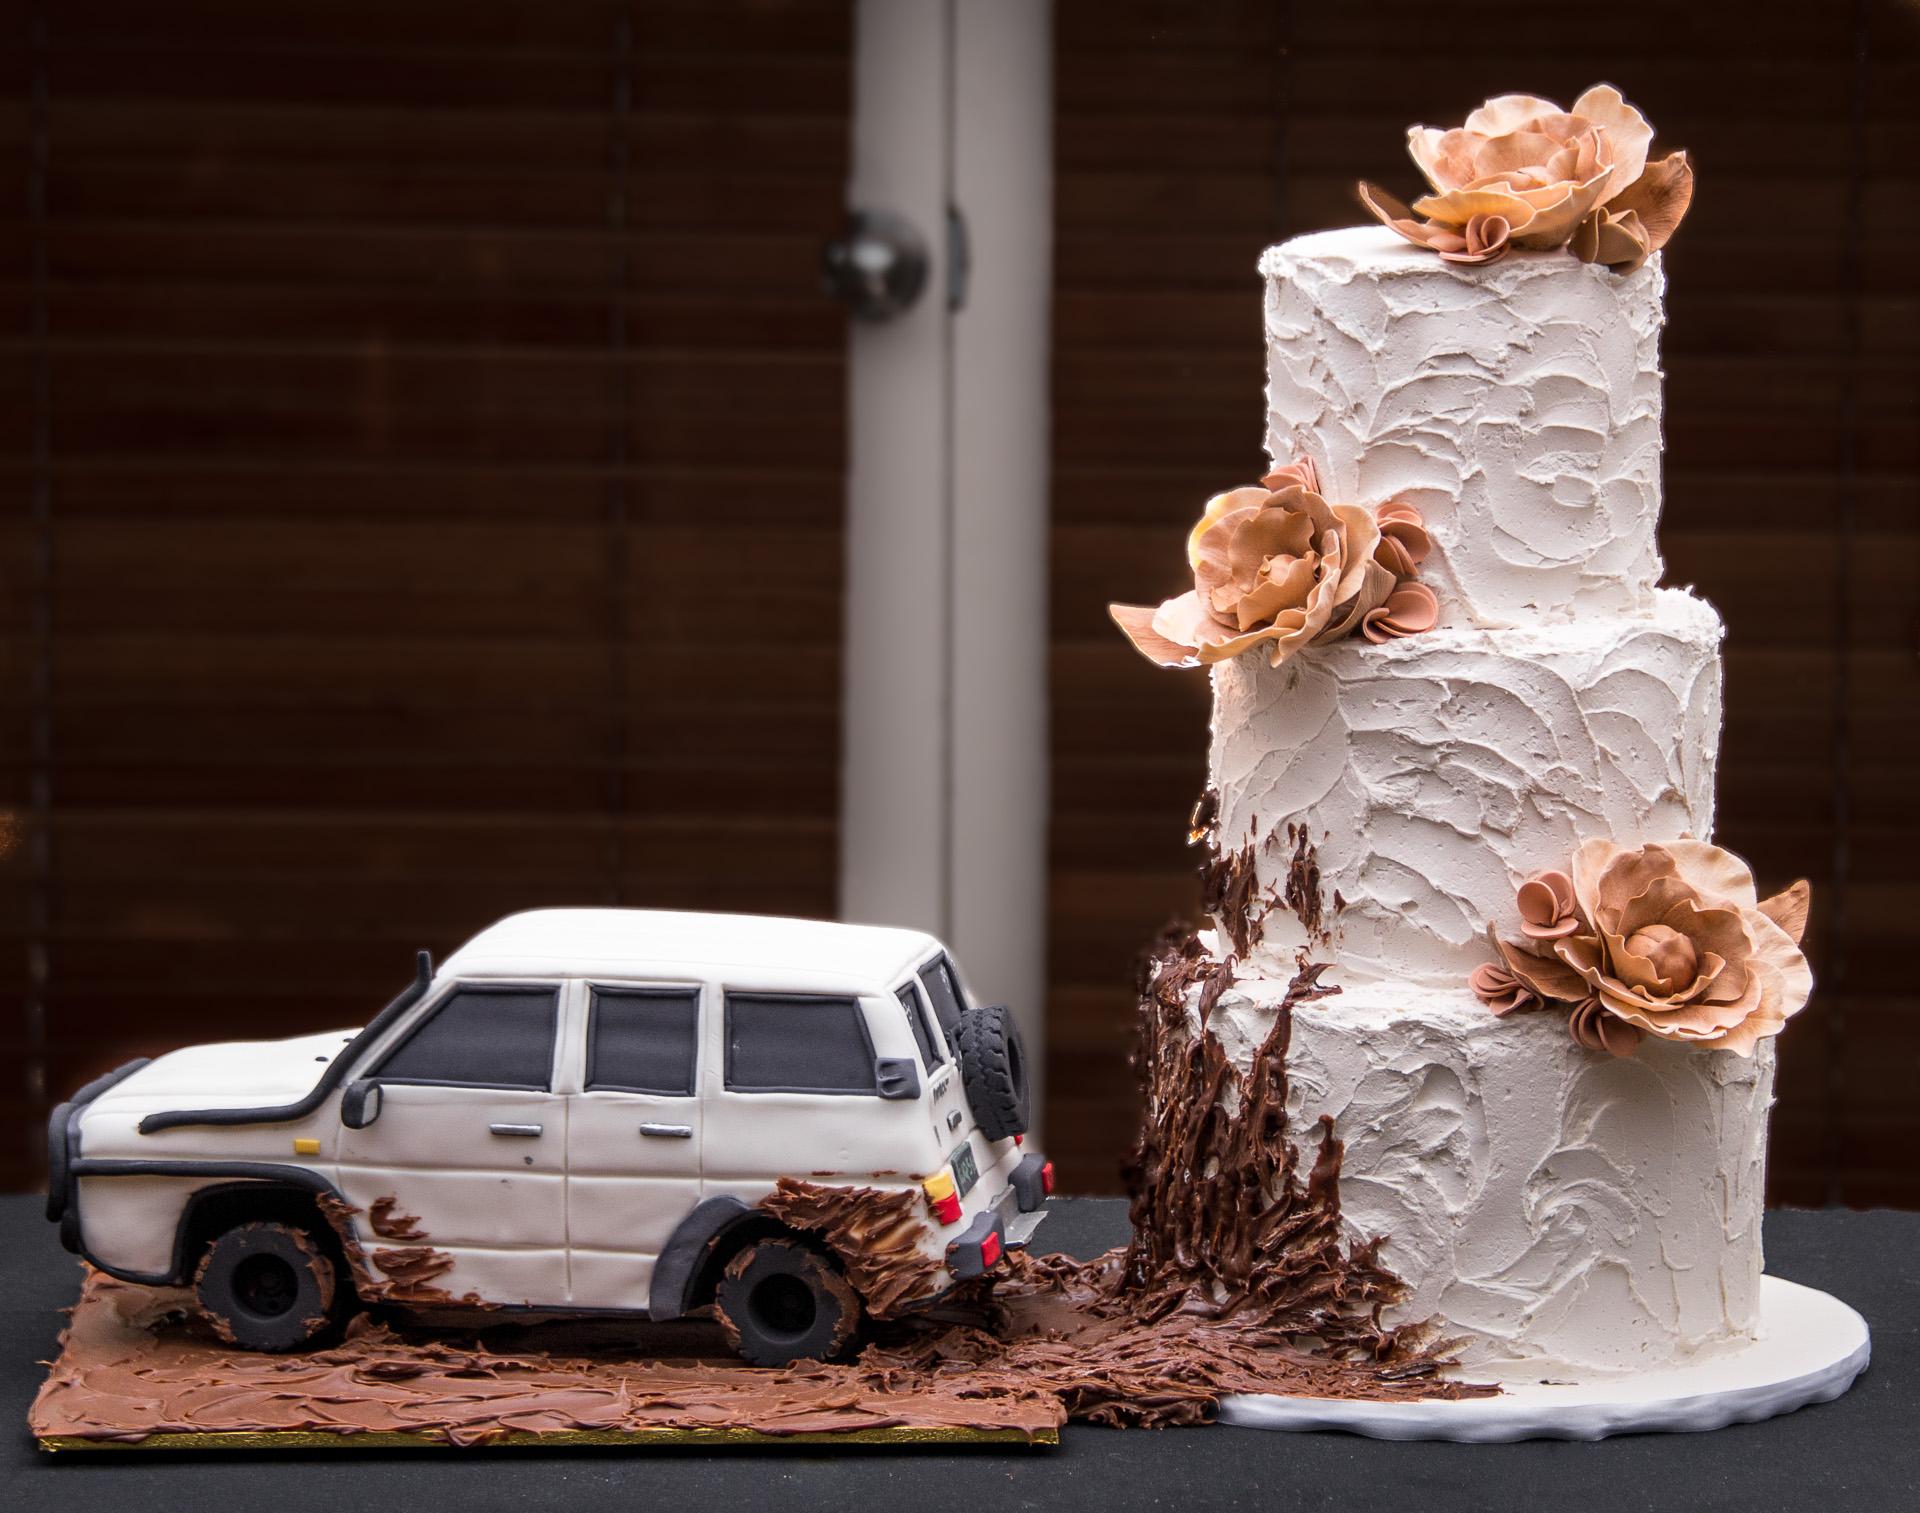 4WD-Mud-Splash-Butter-Cream-Wedding-Cake.jpg